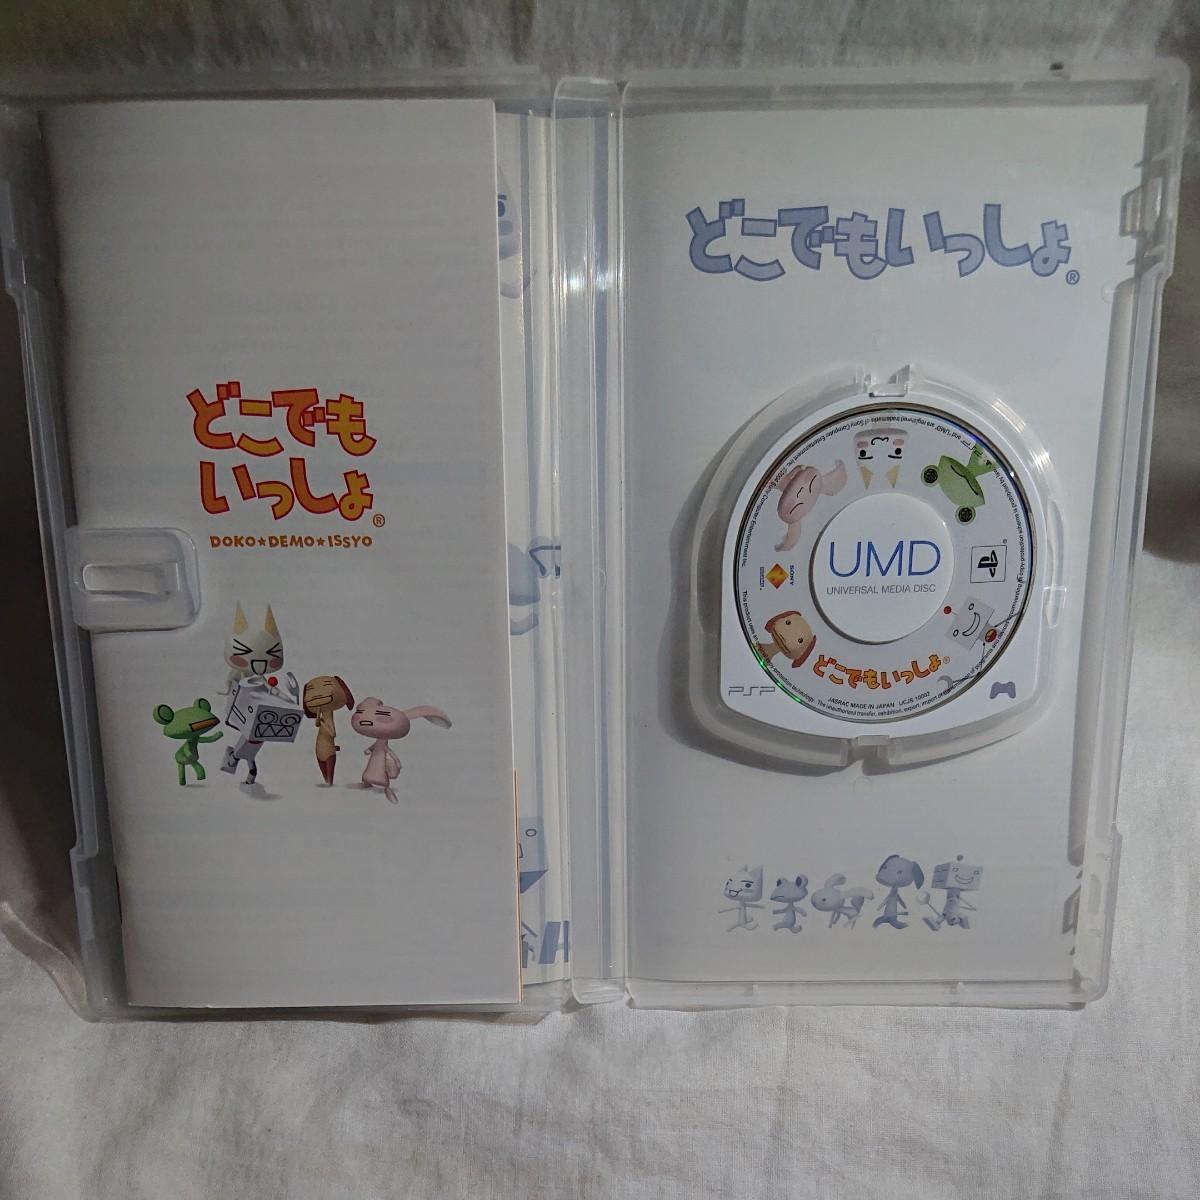 PSP どこでもいっしょ シリーズセット 動作確認済み  PSPソフト